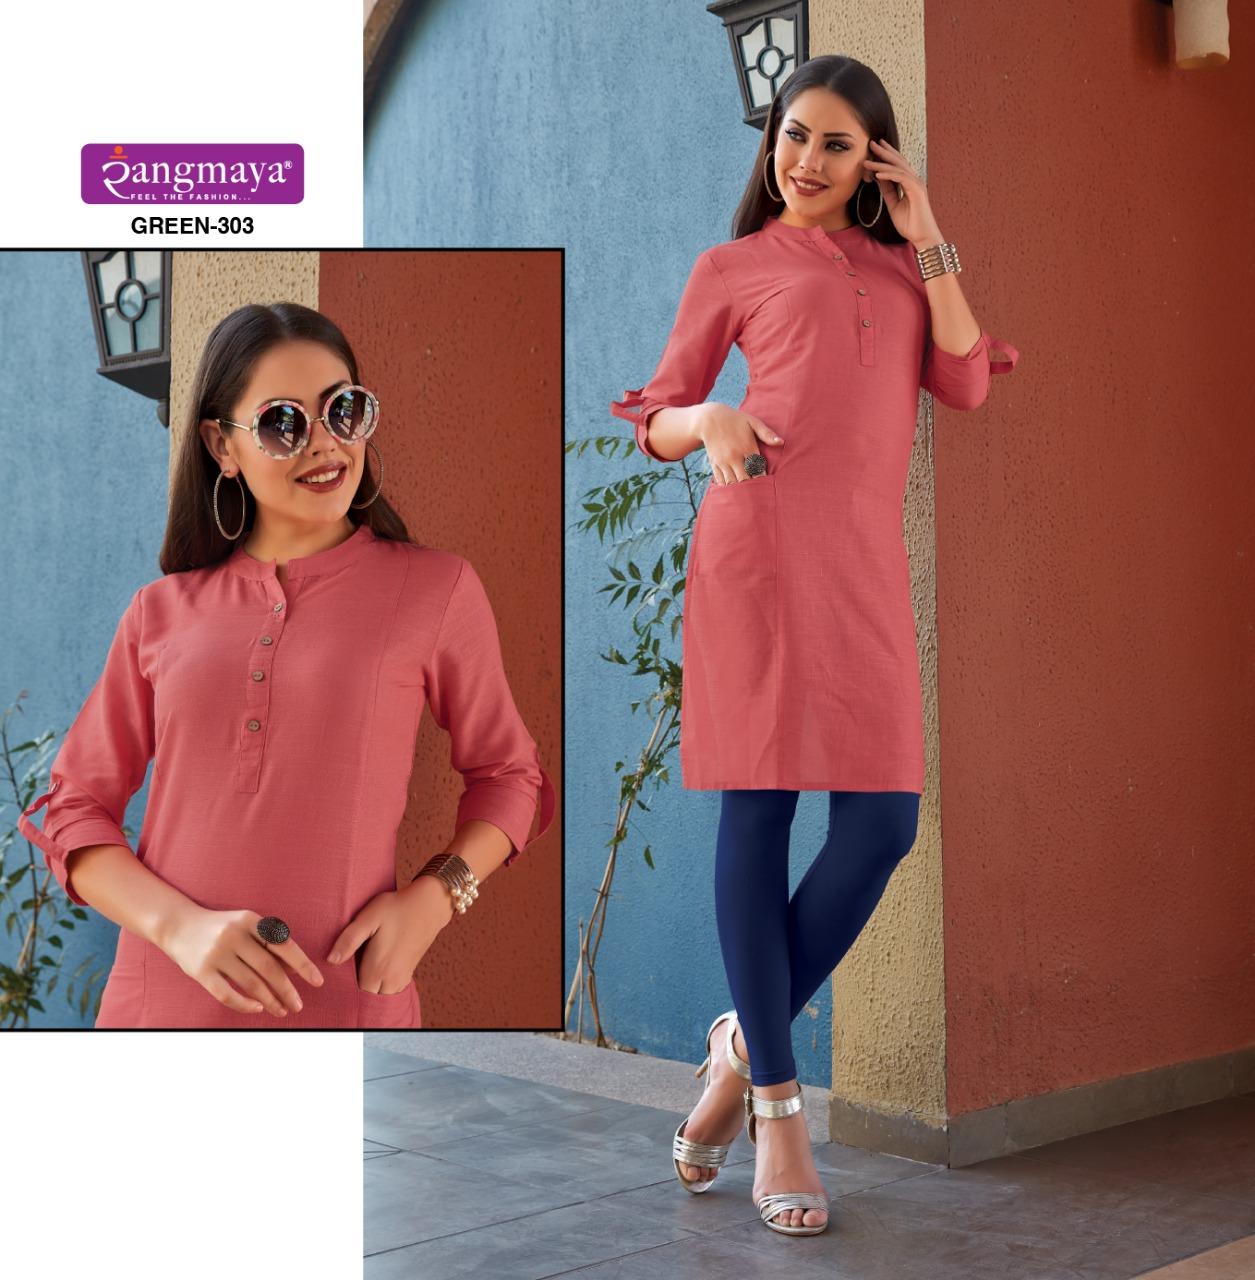 Rangmaya Green 3 Designer Cotton Slub Kurties In Wholesale Rate